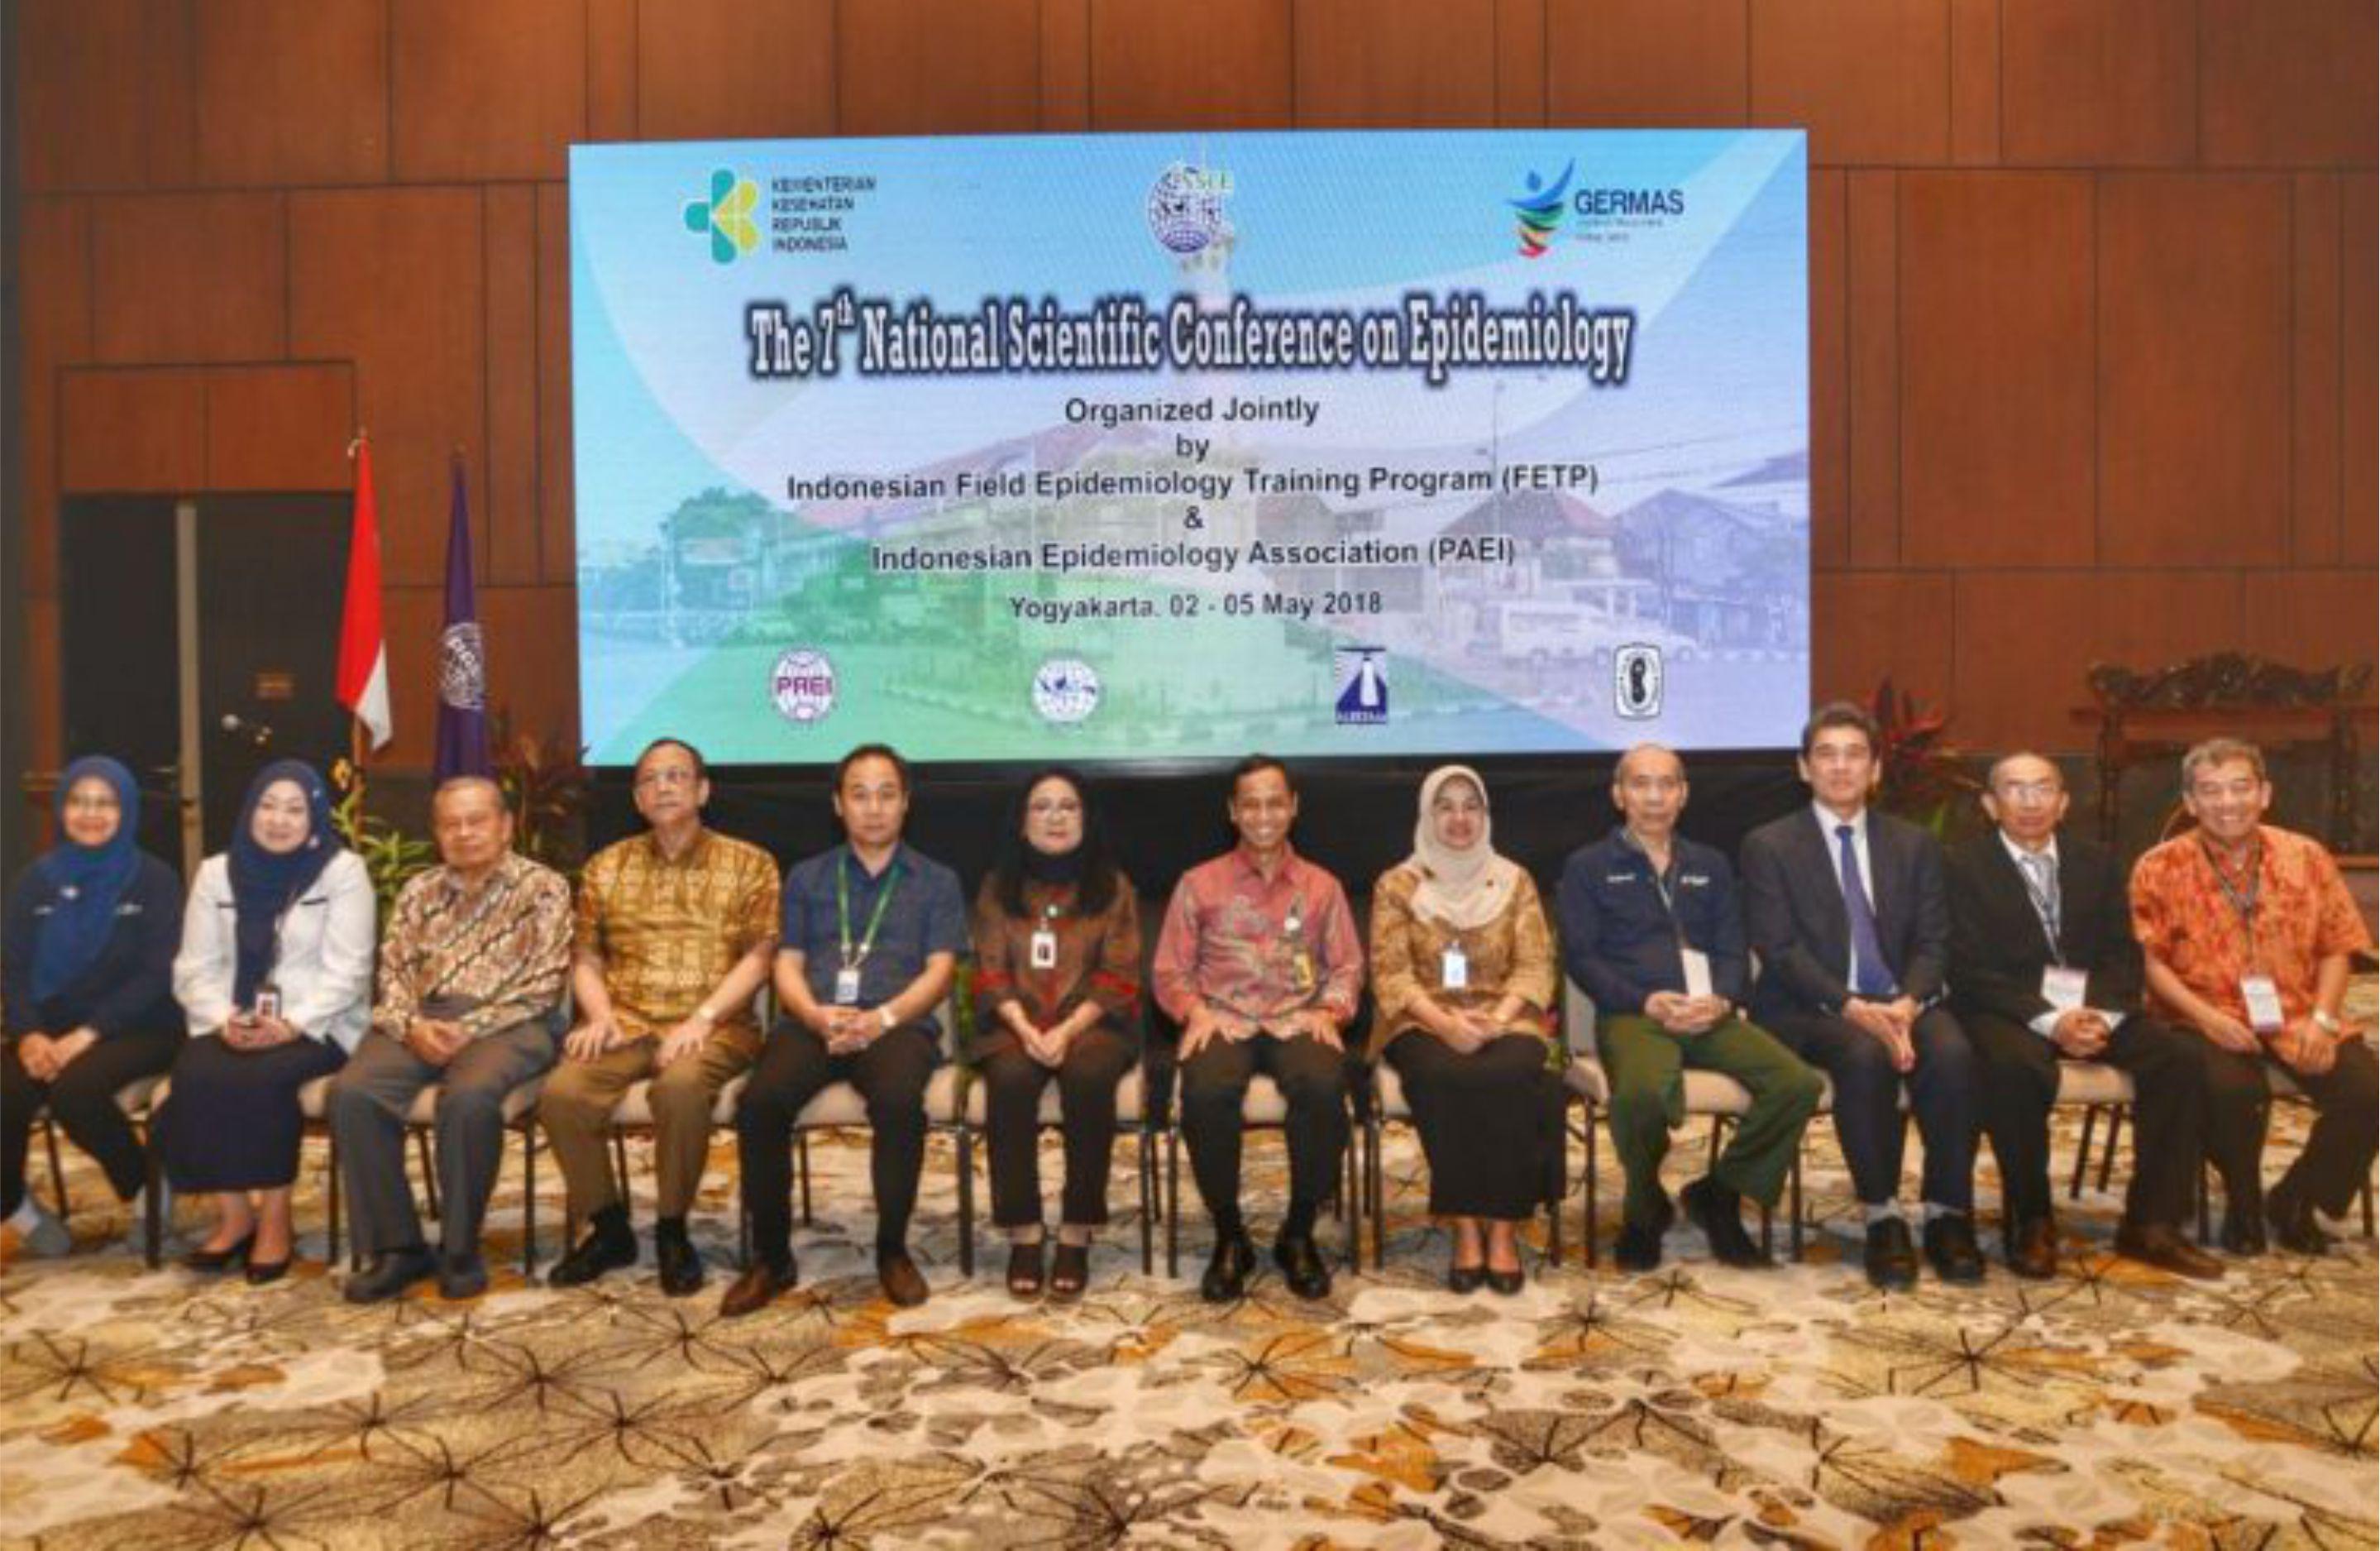 Pertemuan Ilmiah Epidemiologi Nasional (PIEN) Ke-7